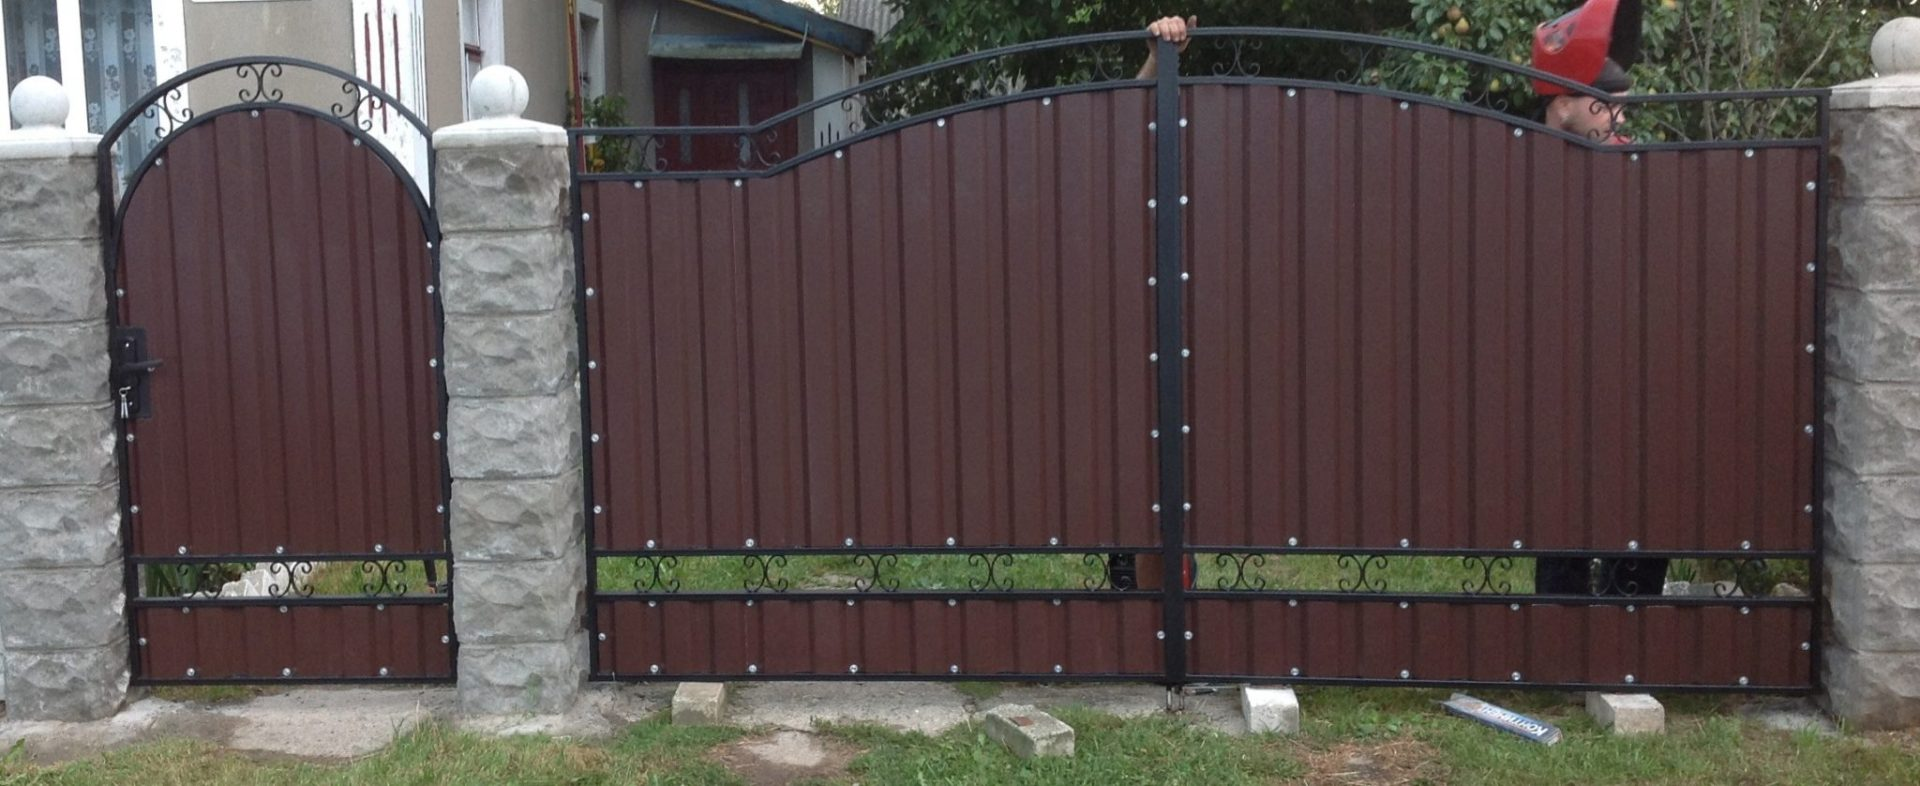 Ворота из металлопрофиля тюмень купить балку для откатных ворот в краснодаре